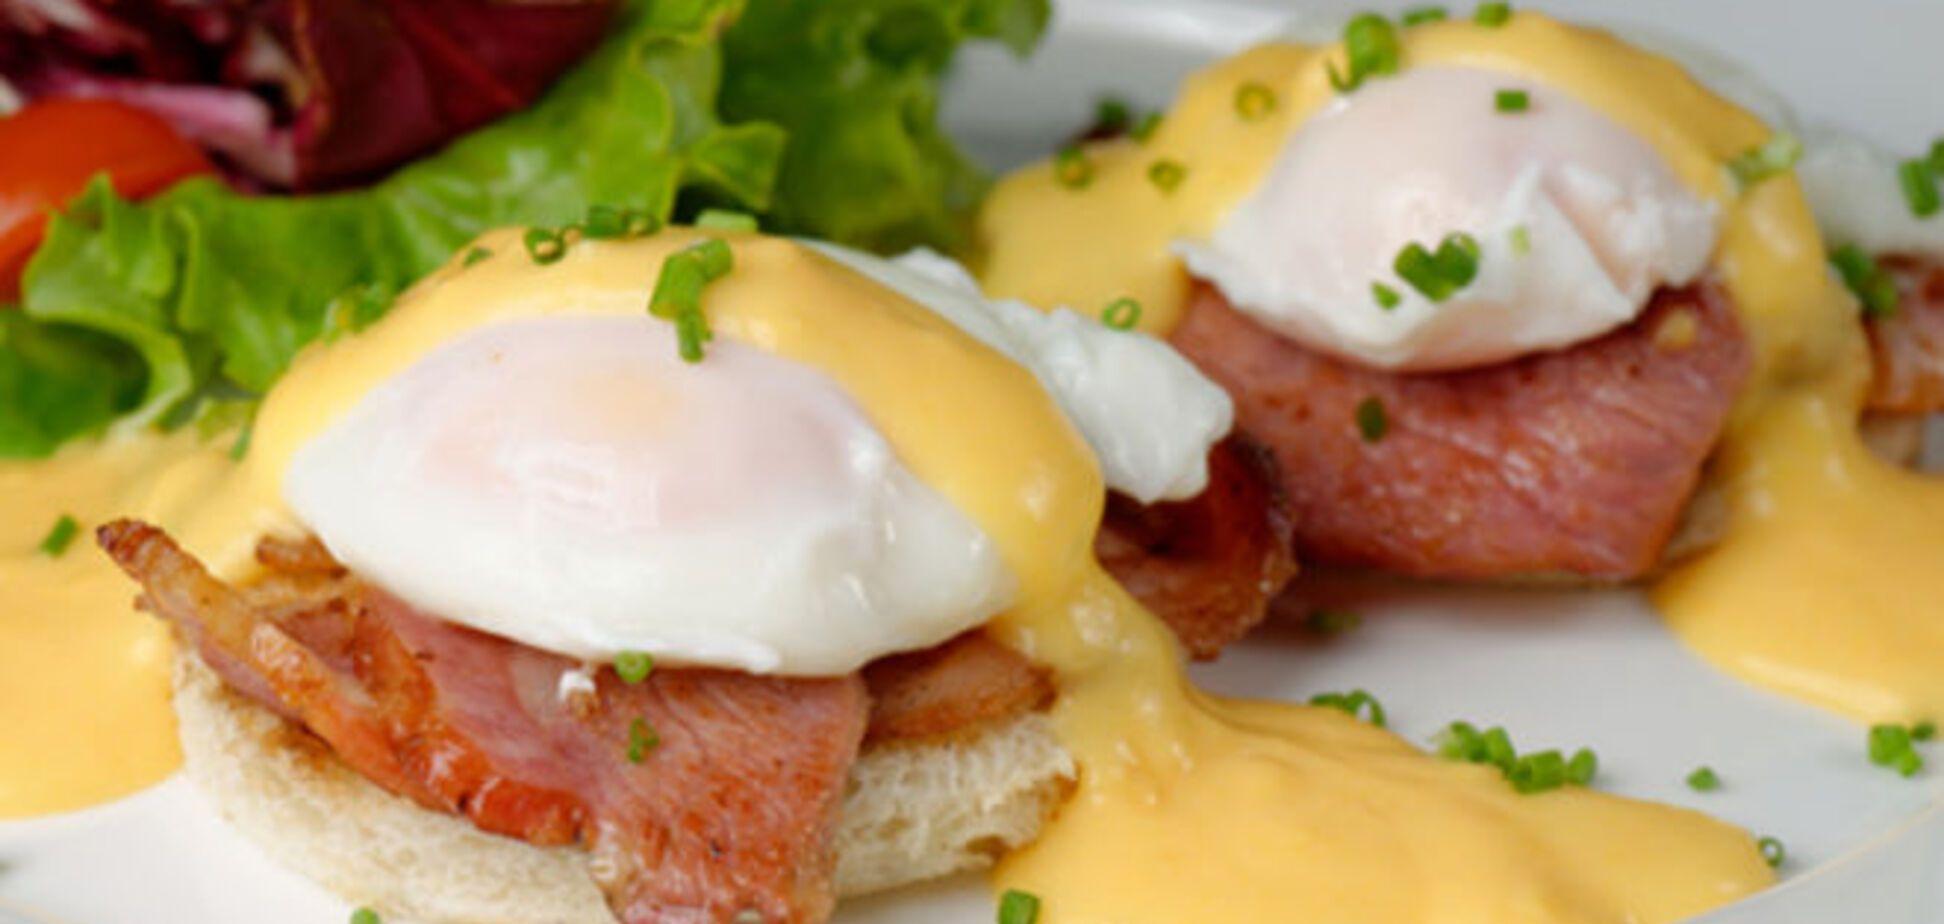 50 лет вранья про сало и яйца: как нас обманули диетологи